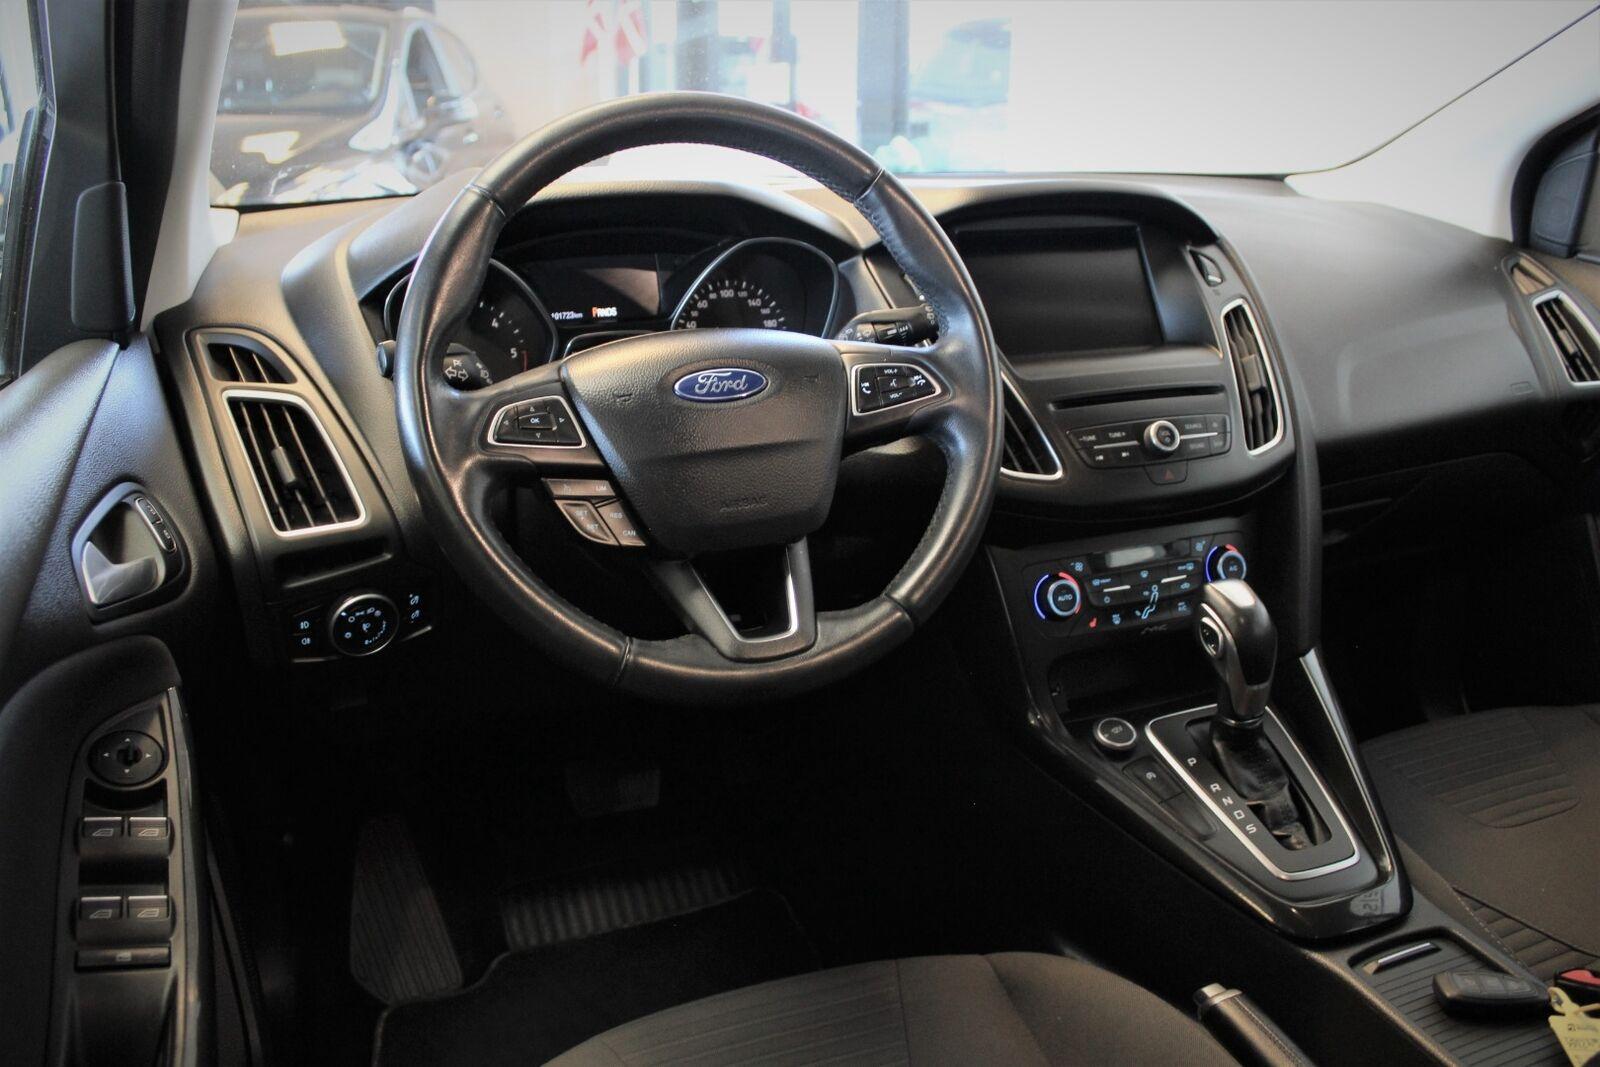 Ford Focus 1,5 TDCi 120 Titanium stc. aut. - billede 6